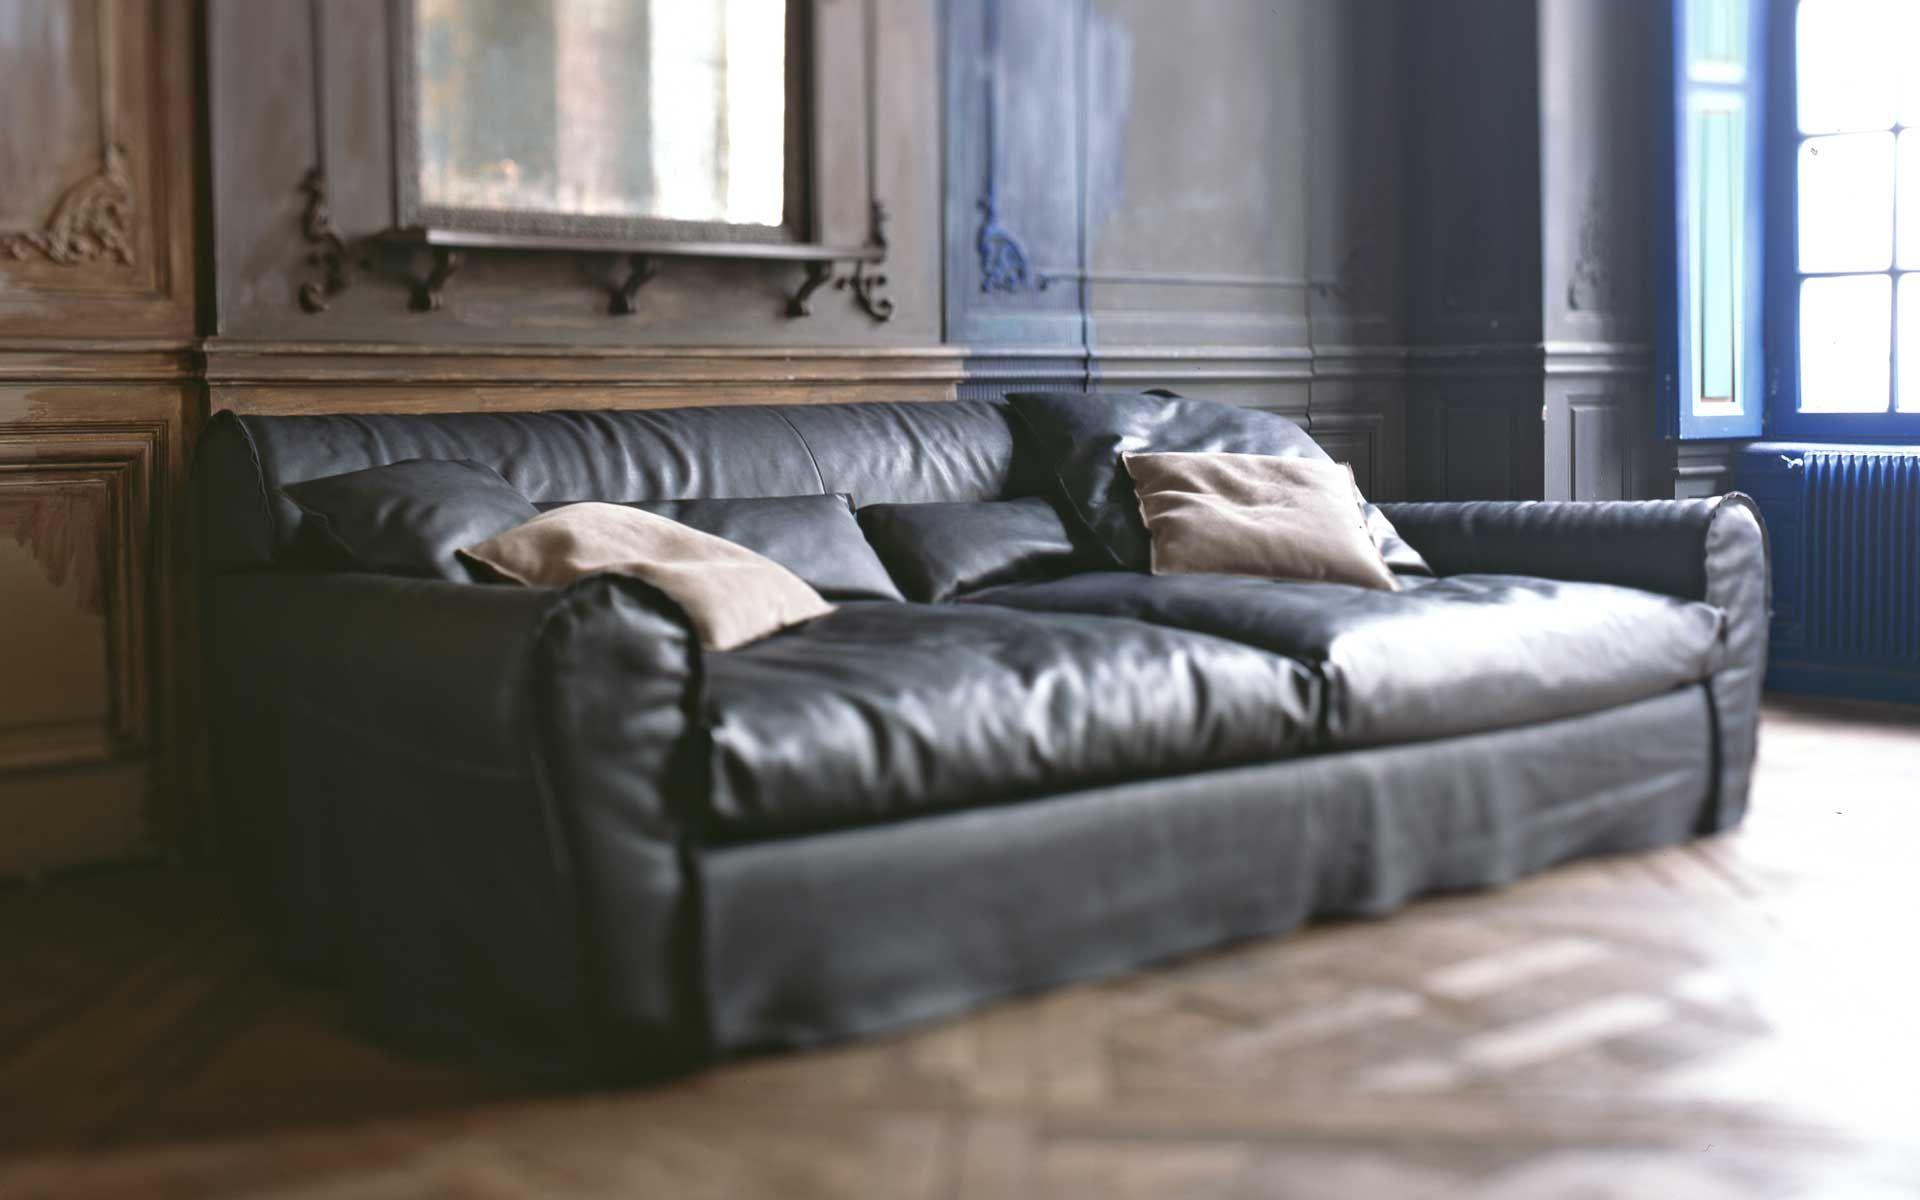 Housse xxl baxter couch wohnzimmer sofa und shops - Wohnzimmer couch xxl ...